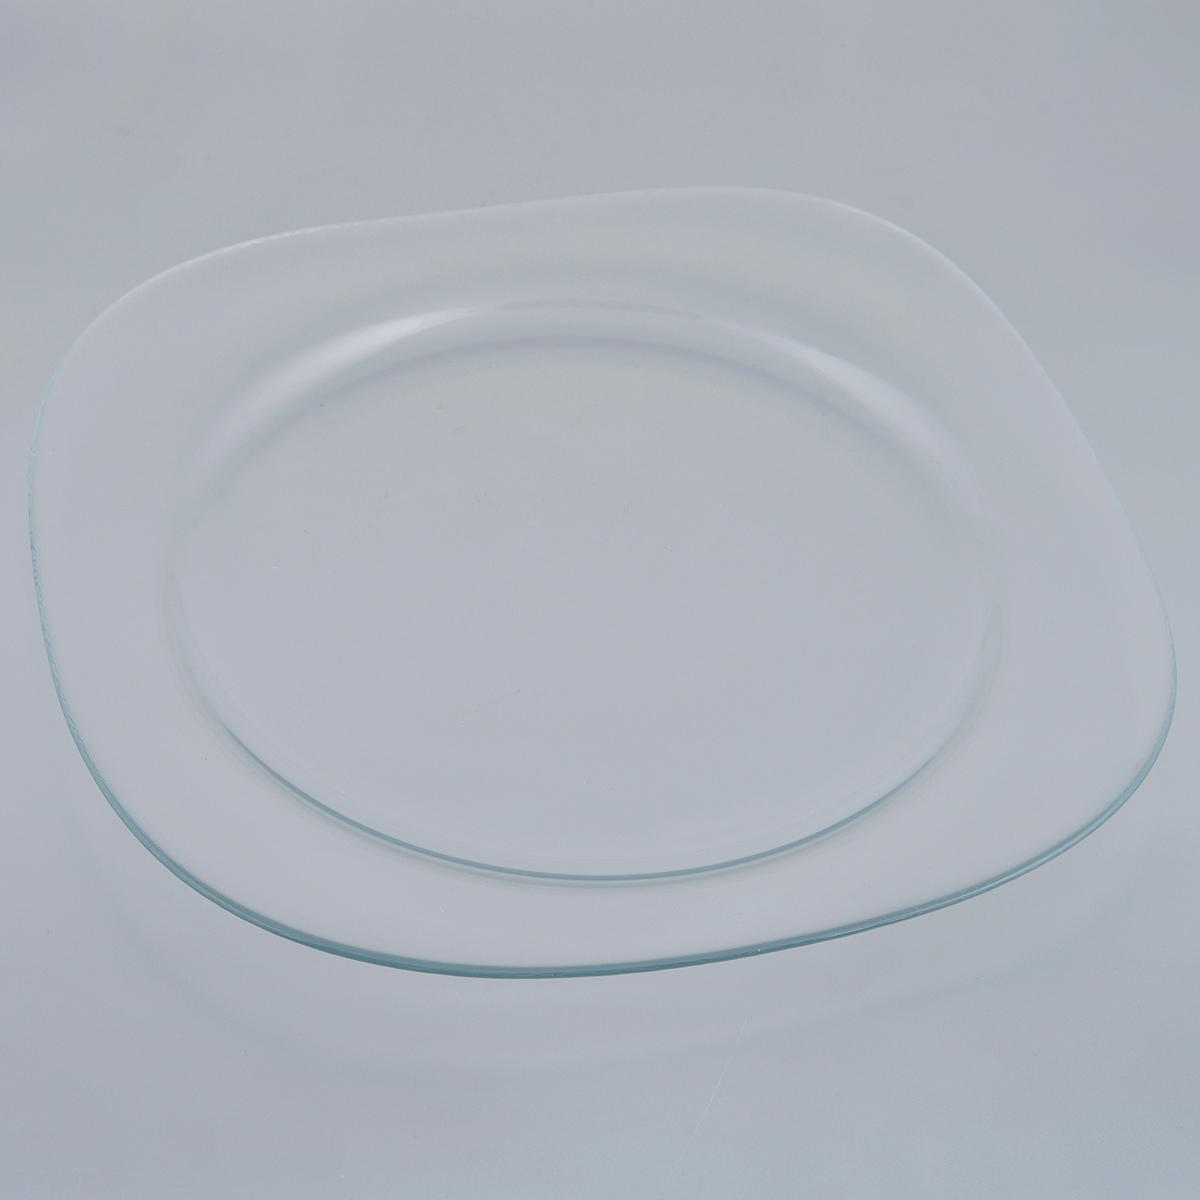 Блюдо Pasabahce Invitation, 31 х 31 см10469BБлюдо Pasabahce Invitation изготовлено из прочного закаленного натрий-кальций-силикатного стекла. Изделие имеет квадратную форму с закругленными углами. Изящное блюдо прекрасно подходит для подачи тортов, пирогов и другой выпечки, а также различных закусок и нарезок. Такое блюдо красиво оформит праздничный стол и удивит вас лаконичным и стильным дизайном. Можно мыть в посудомоечной машине. Размер блюда: 31 см х 31 см. Высота блюда: 2 см.